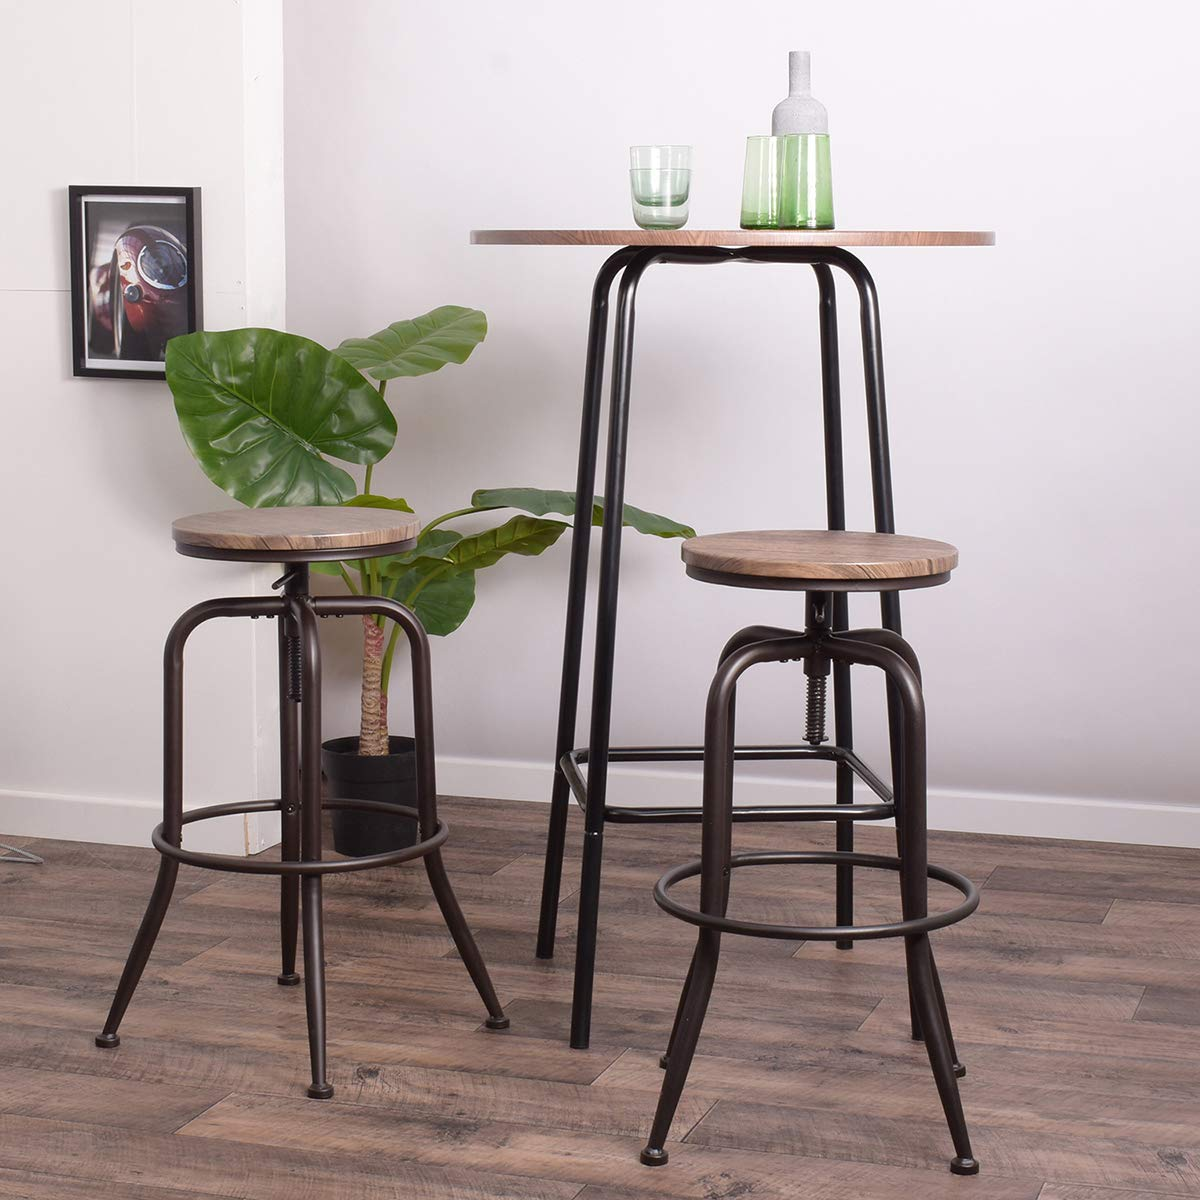 Aingoo Barhocker 2er Set Barstühle mit Fußablage